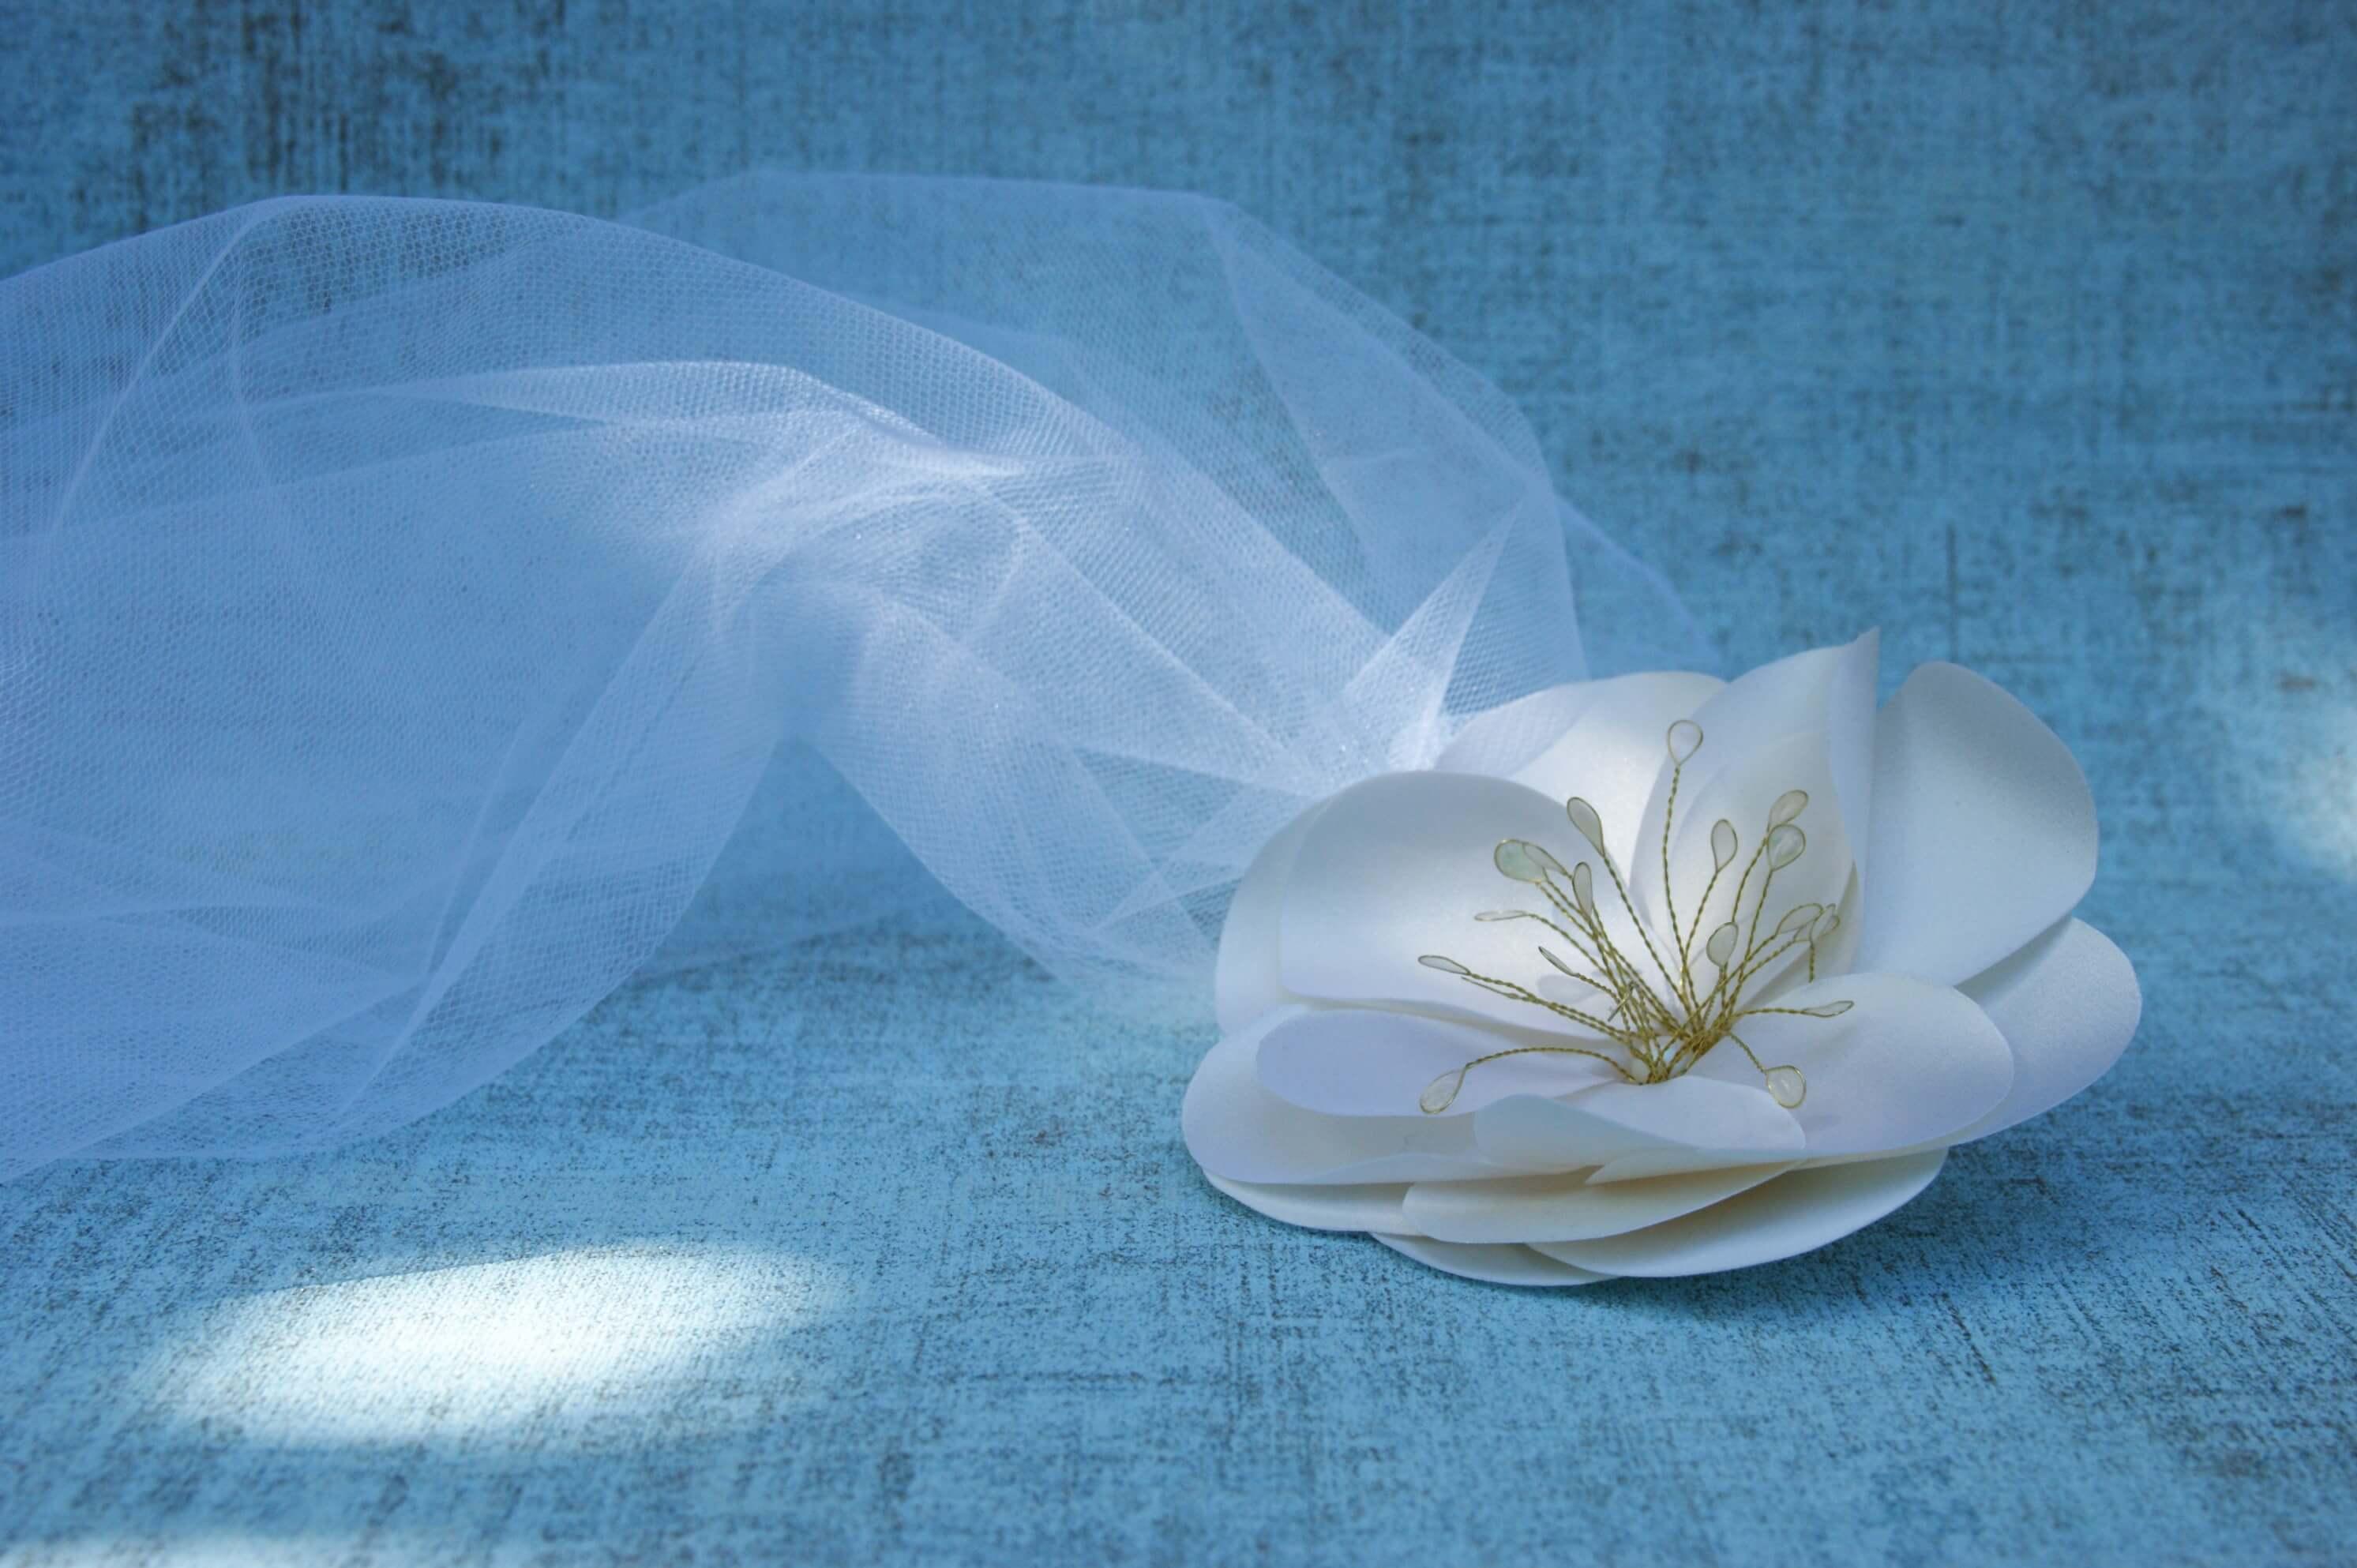 Nagy selyemvirág esküvői fejdísz